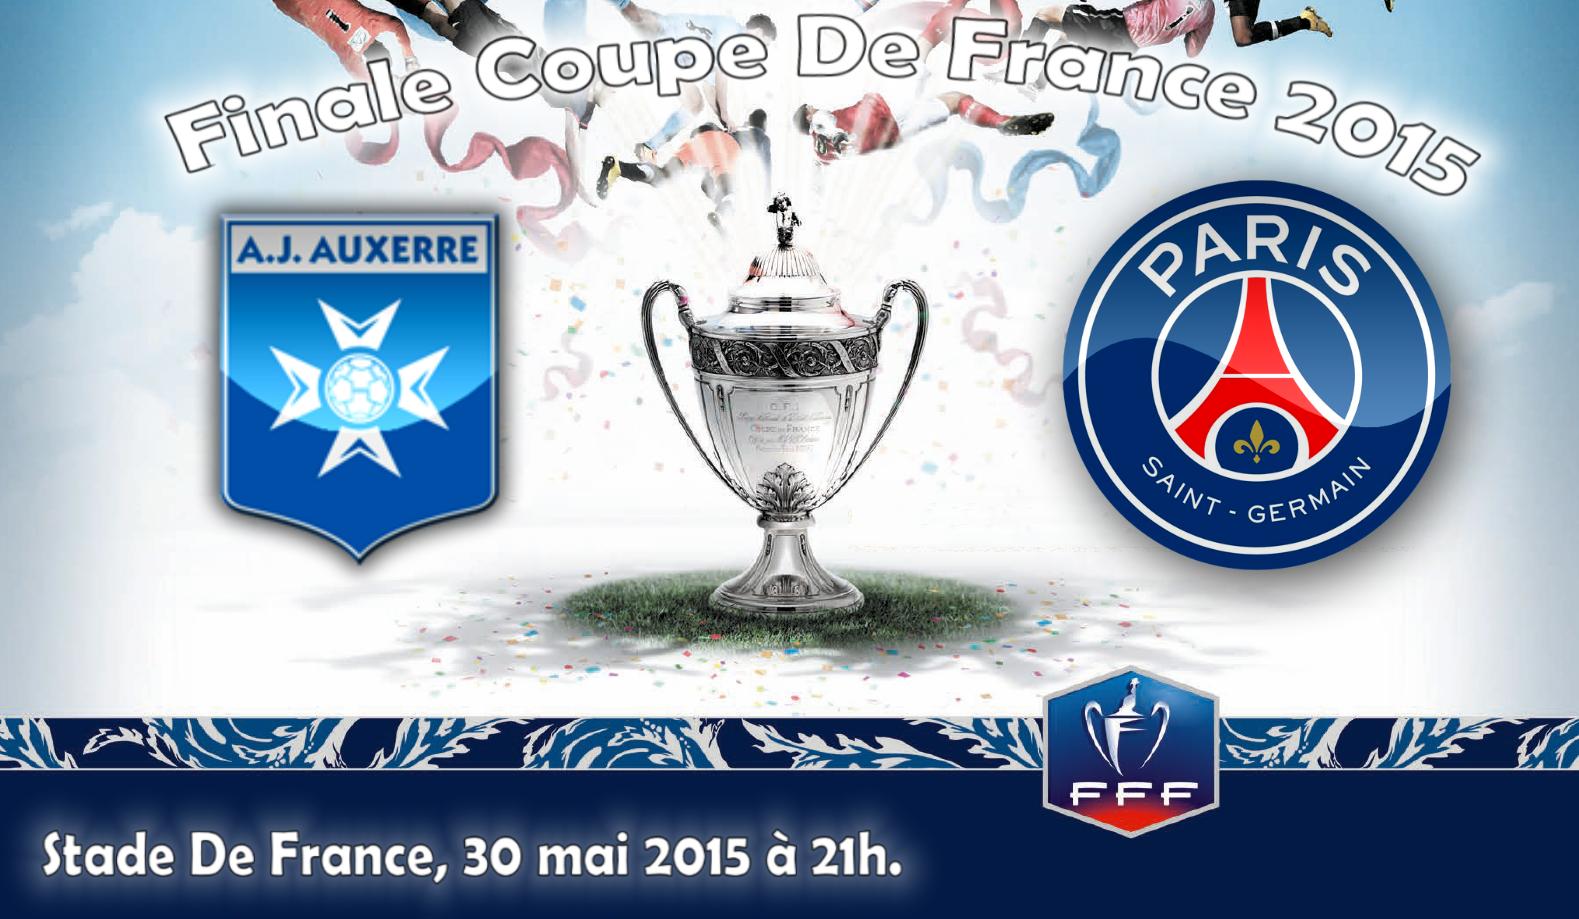 Finale de la coupe de france 2015 a j auxerre psg le 30 05 2015 au stade de france 21h - Date coupe de france 2015 ...